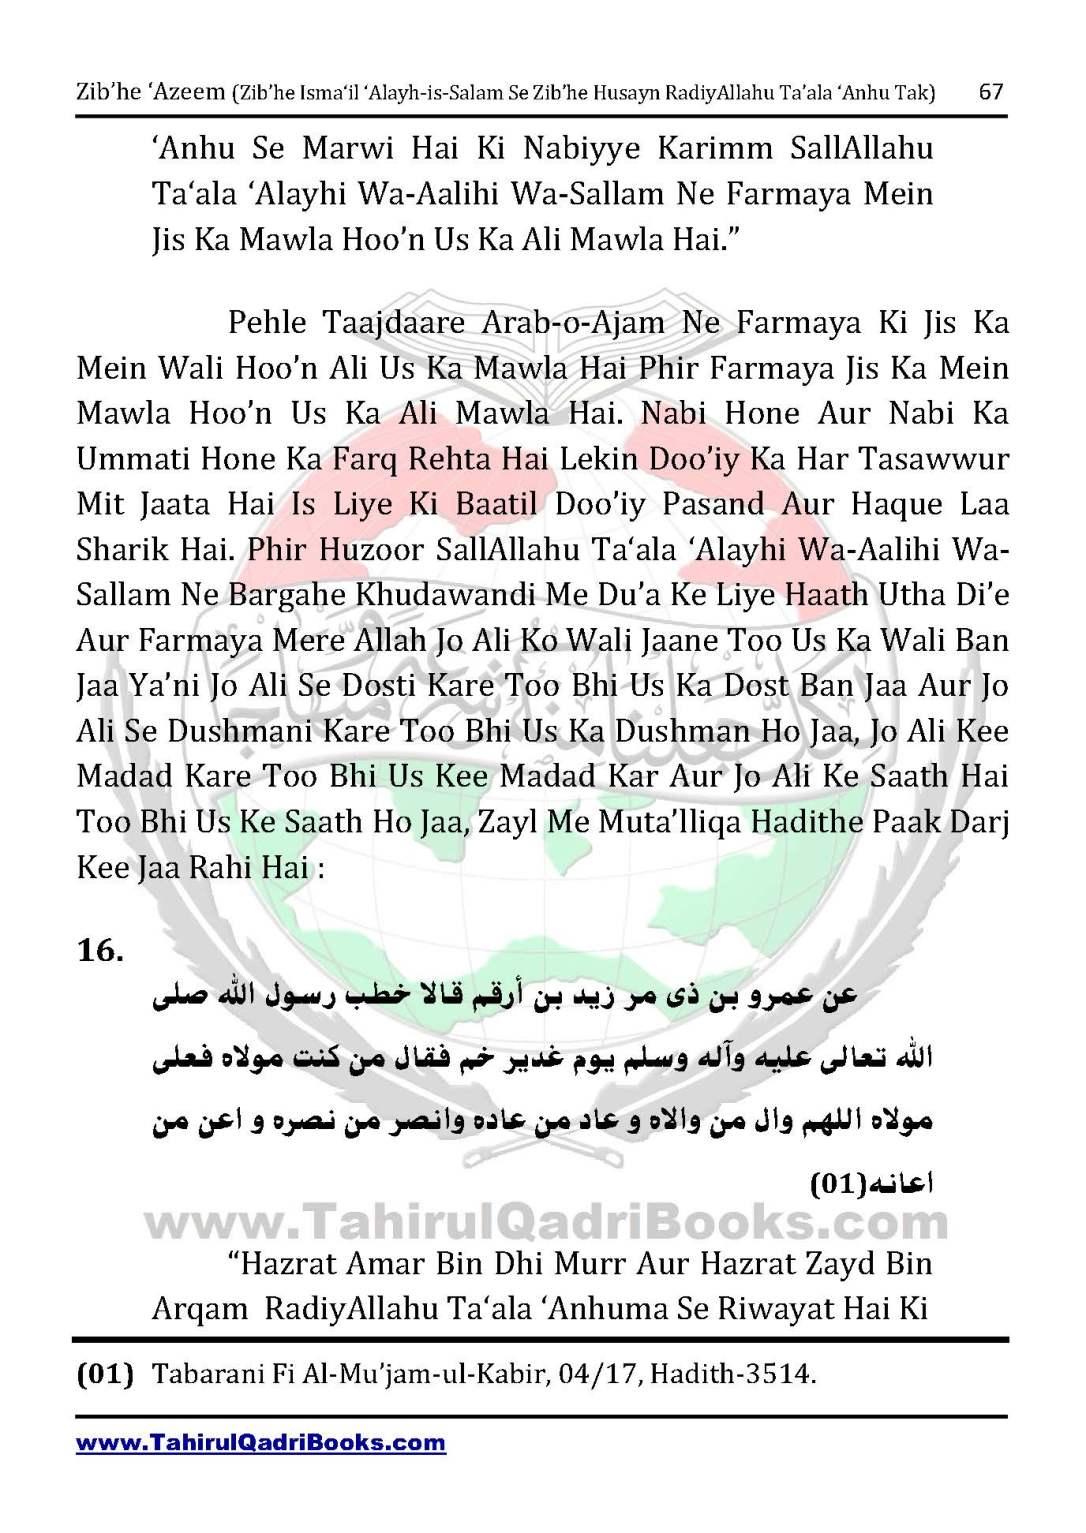 zib_he-e28098azeem-zib_he-ismacabbil-se-zib_he-husayn-tak-in-roman-urdu-unlocked_Page_067